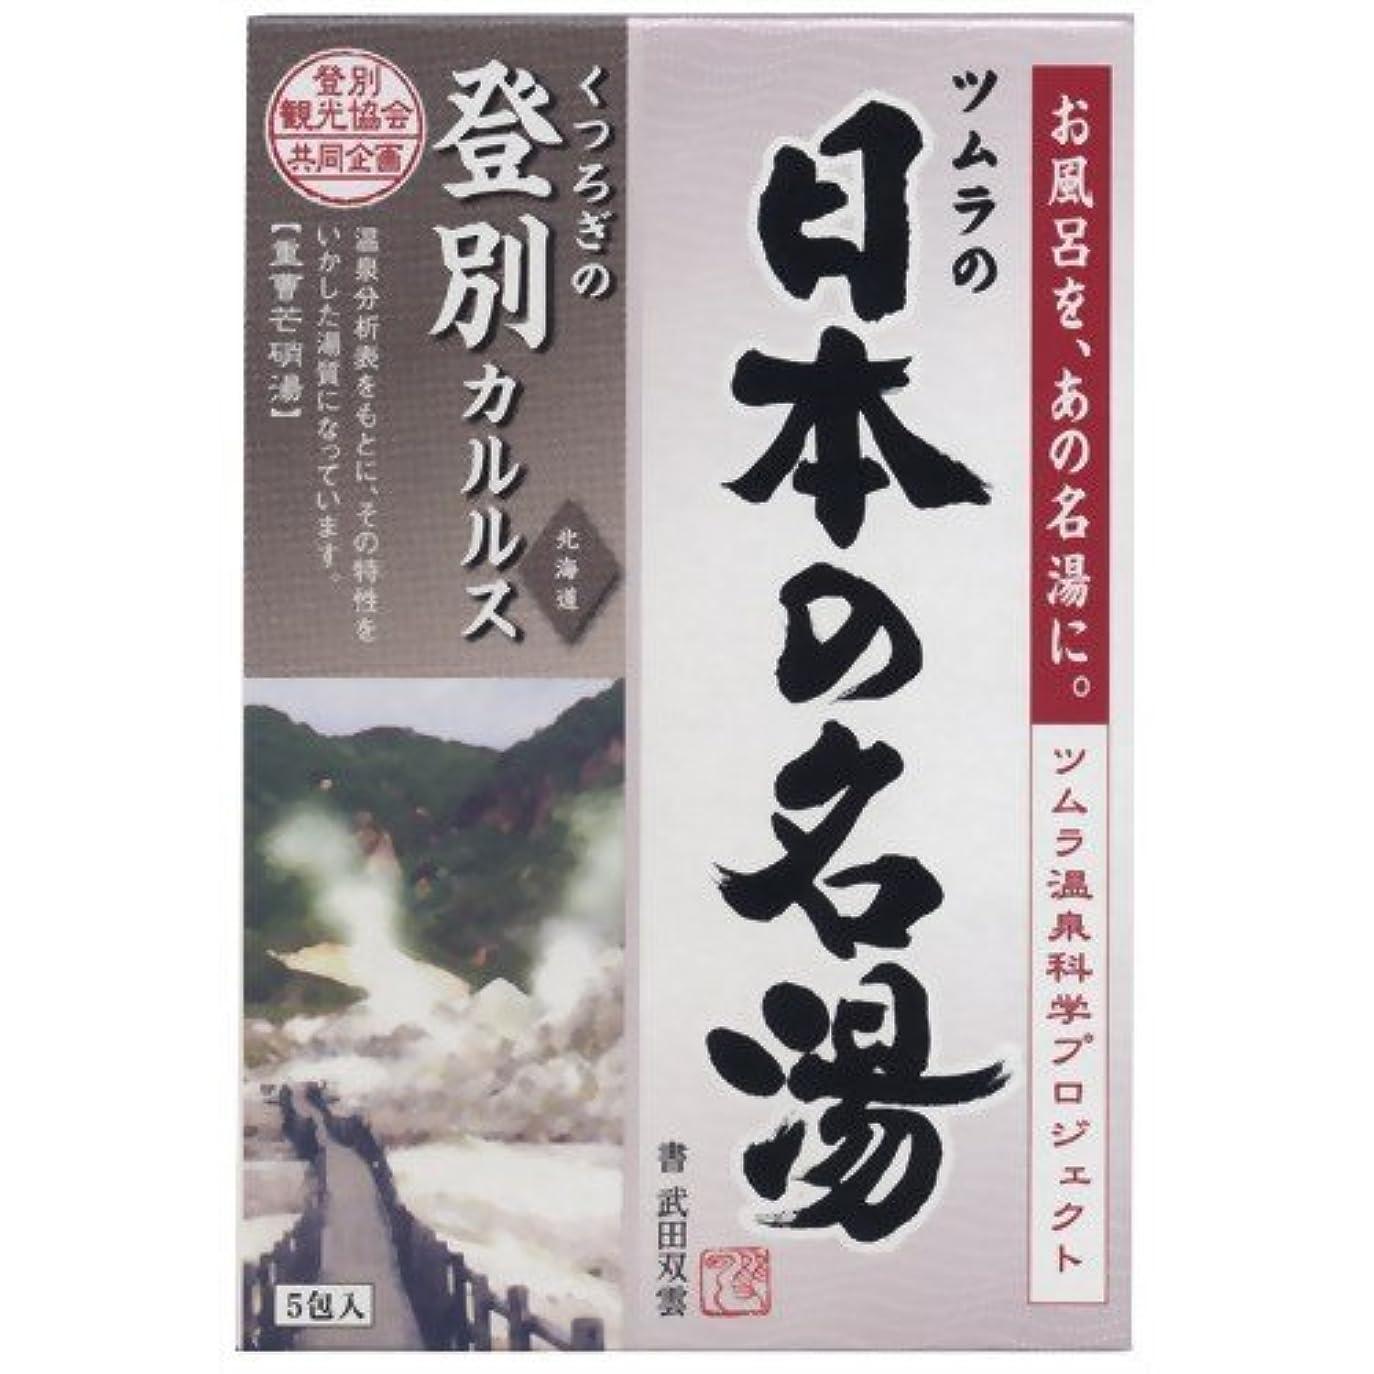 崩壊人差し指テメリティ日本の名湯 登別カルルス30g 5包入り にごりタイプ 入浴剤 (医薬部外品) × 5個セット